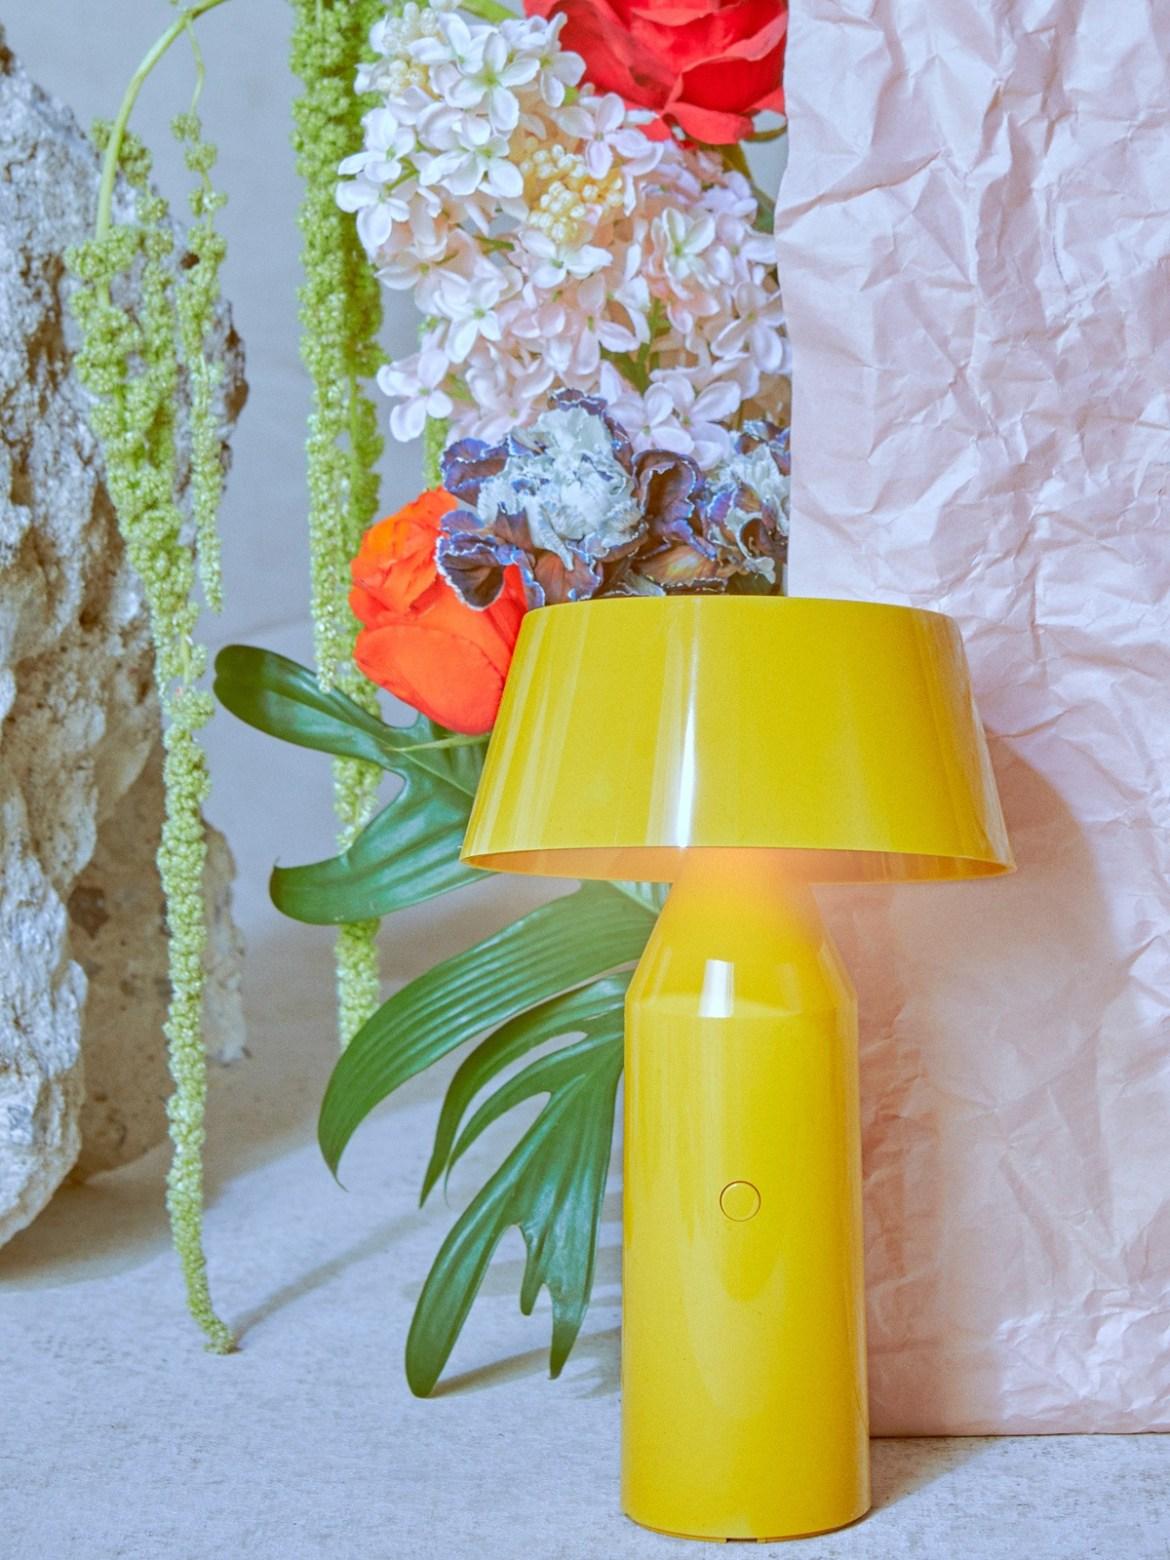 DesignOrt Blog: Designerleuchten in Gelb Portable Designerleuchte LED Marset Bicoca